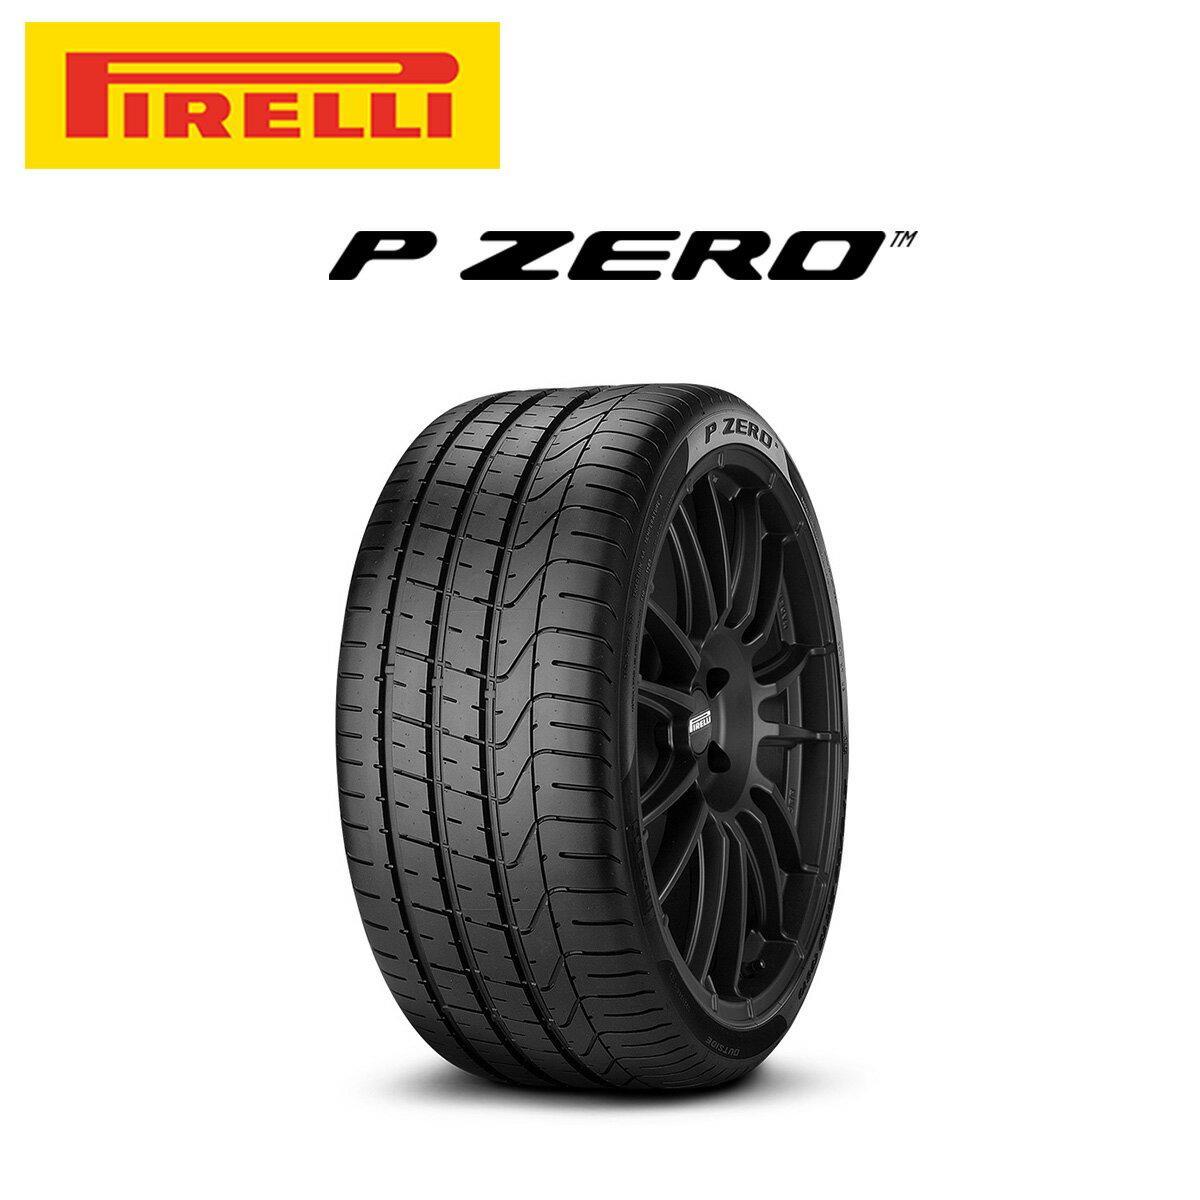 新品入荷 ピレリ PIRELLI P ZERO ピーゼロ 20インチ サマー タイヤ 4本 セット 245/45ZR20 103Y XL 1791700, 装美 呉服おかの 7293dc65